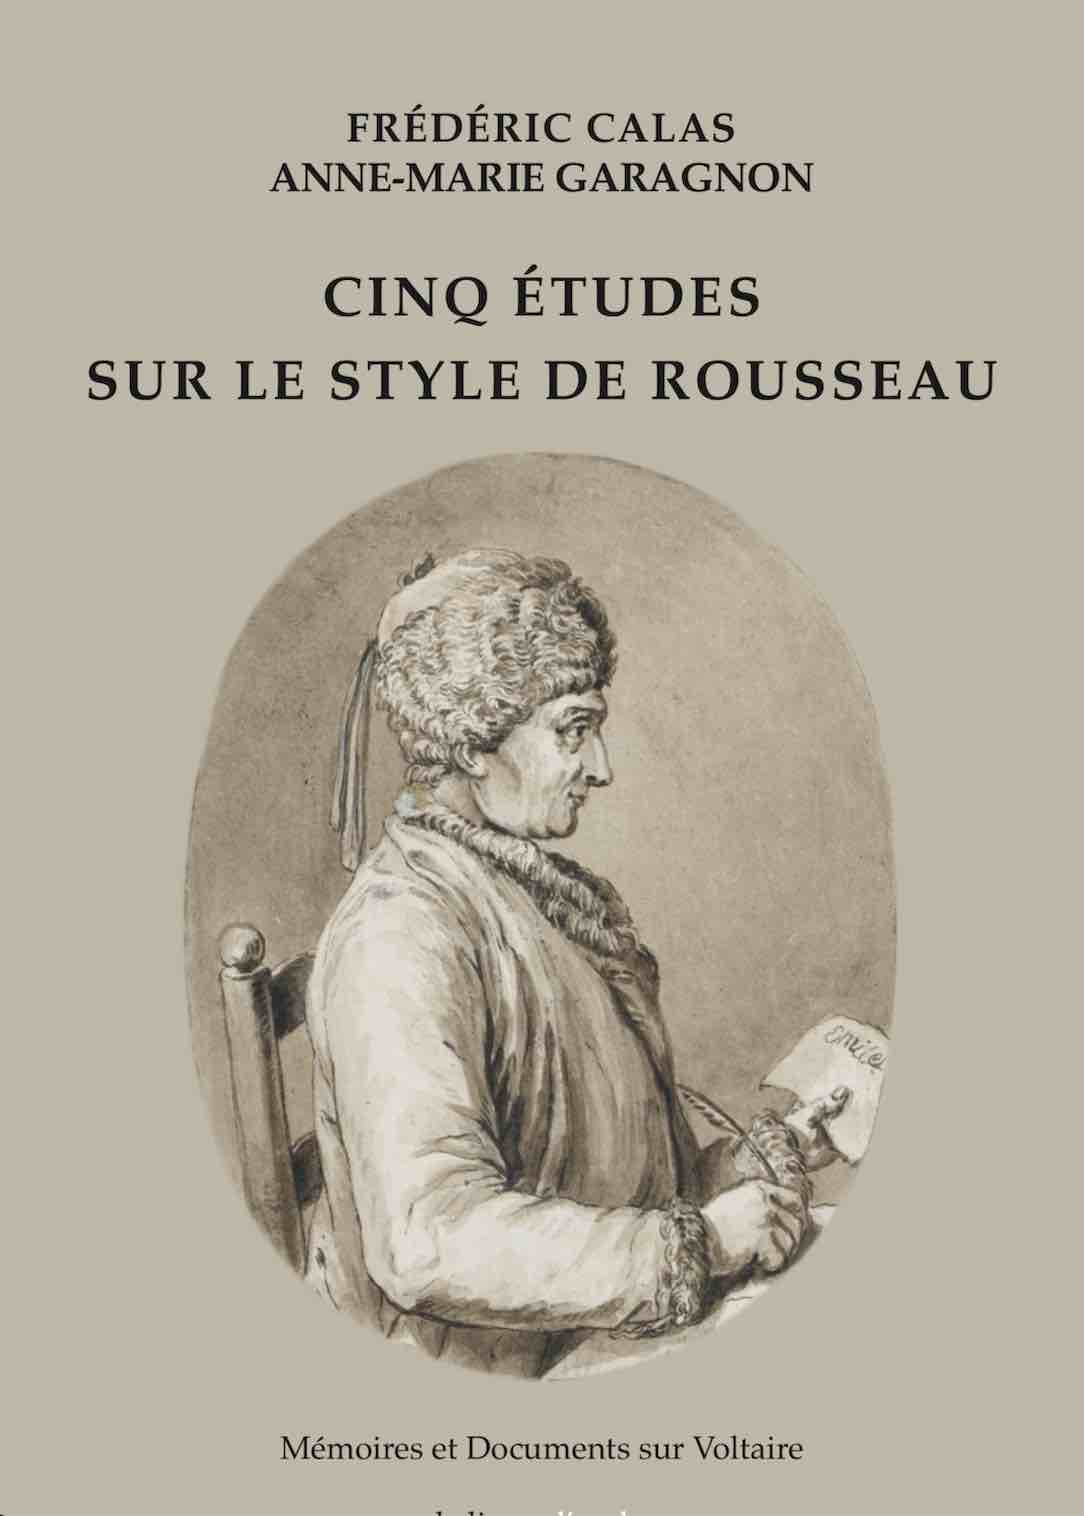 F. Calas, A.-M. Garagnon, Cinq Études sur le style de Rousseau